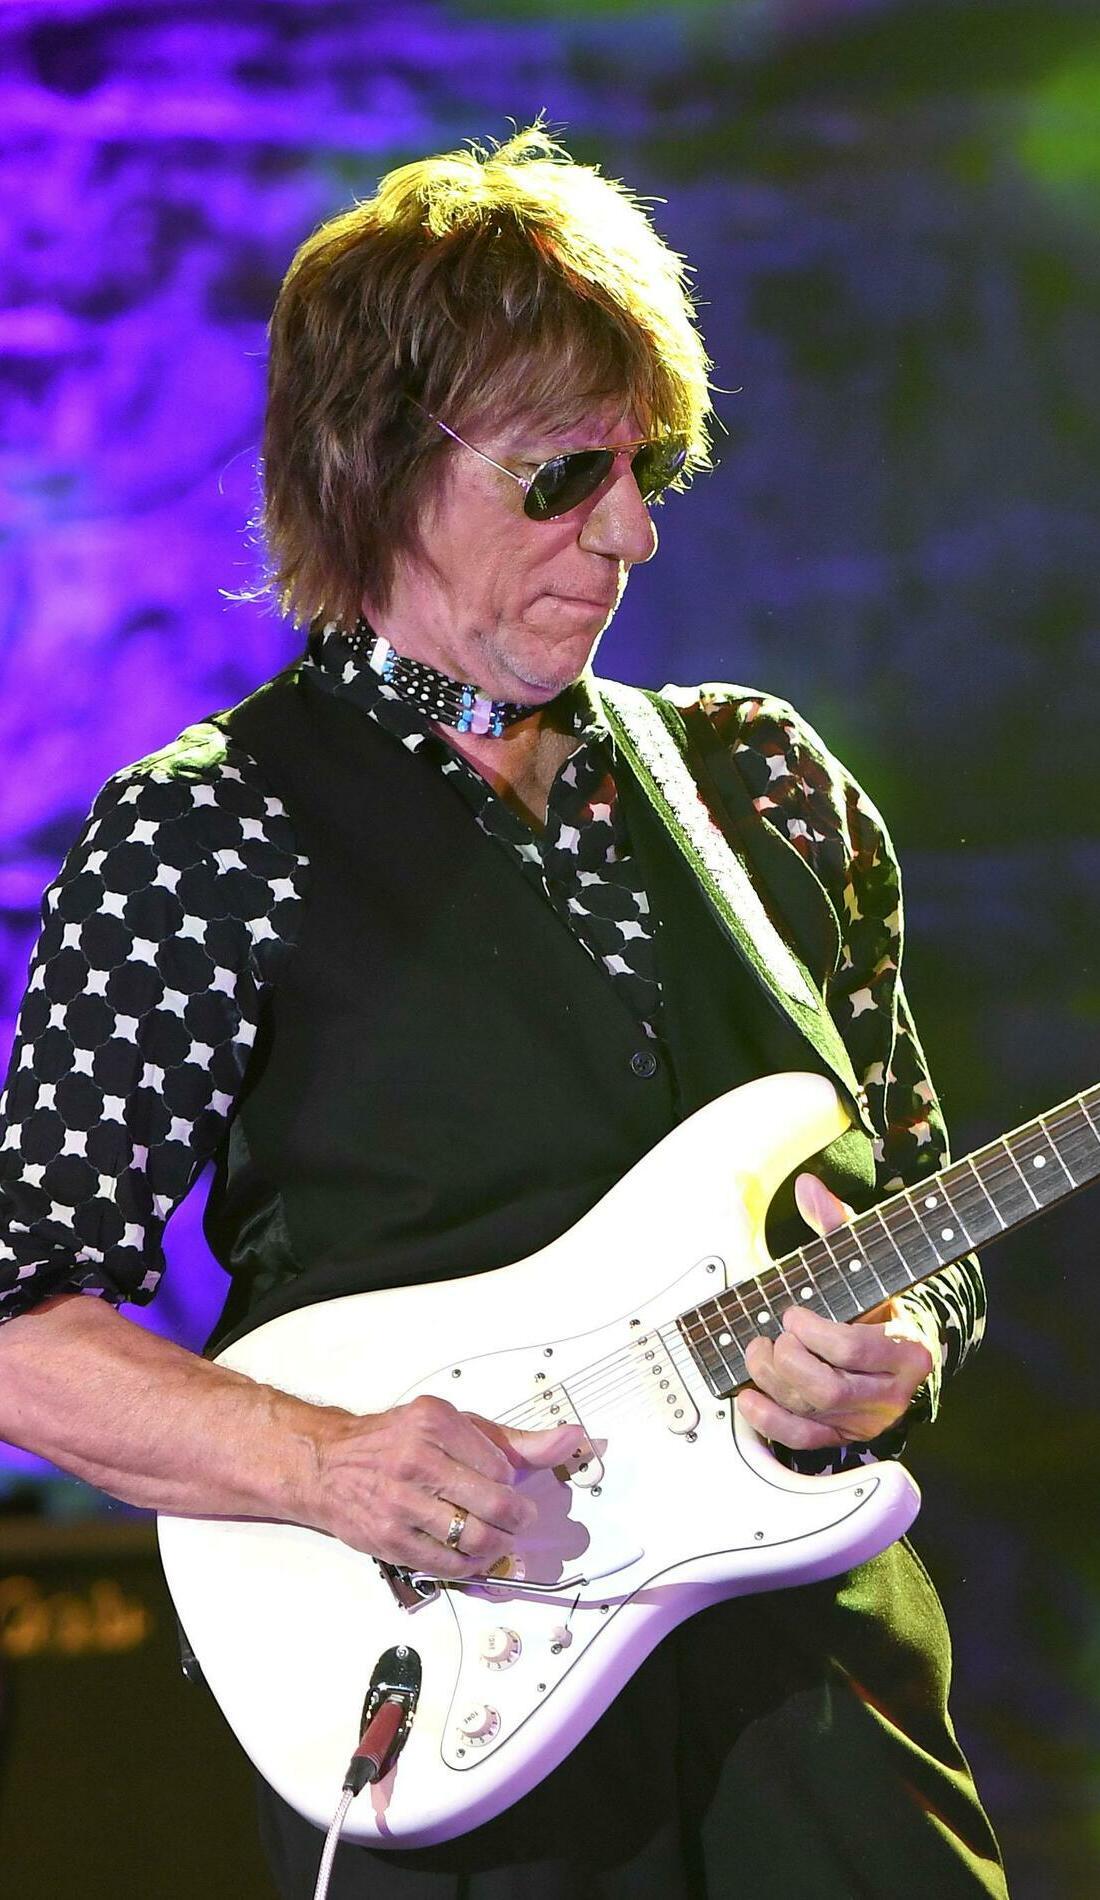 A Jeff Beck live event